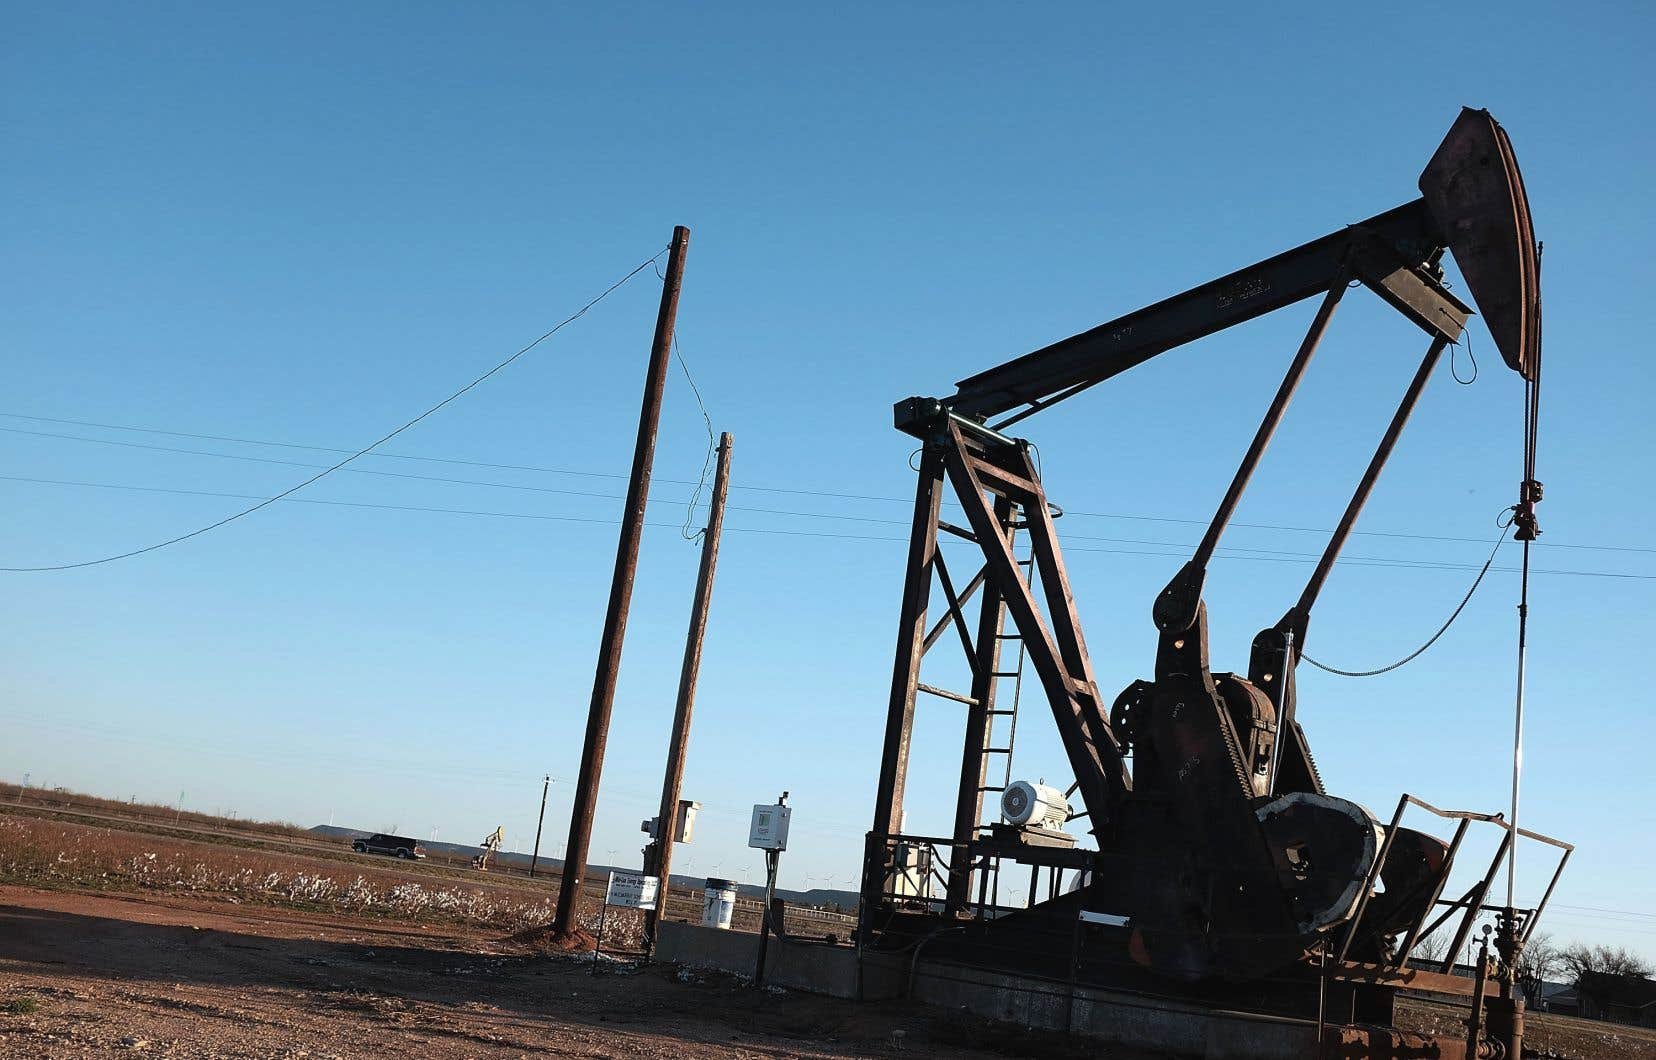 Les prix ont été poussés à la hausse vendredi au lendemain d'un rapport du département américain de l'Énergie faisant état d'une baisse des stocks de brut aux États-Unis.